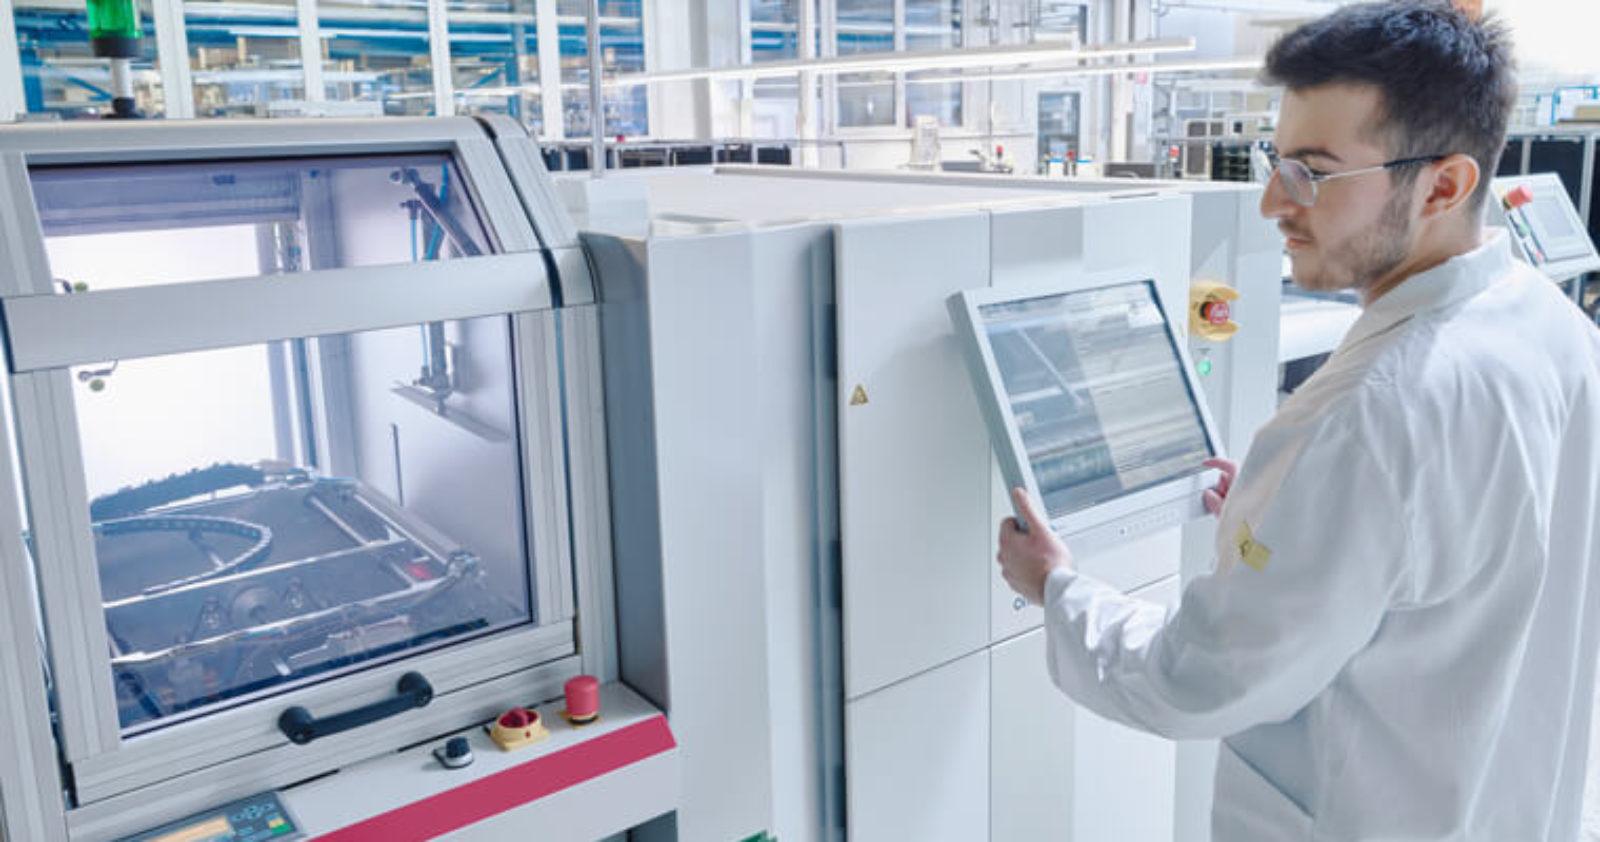 Testmethoden wie Automatische optische Inspektion (AOI) geben Sicherheit und begleiten die EMS-Serienfertigung bei Technosert